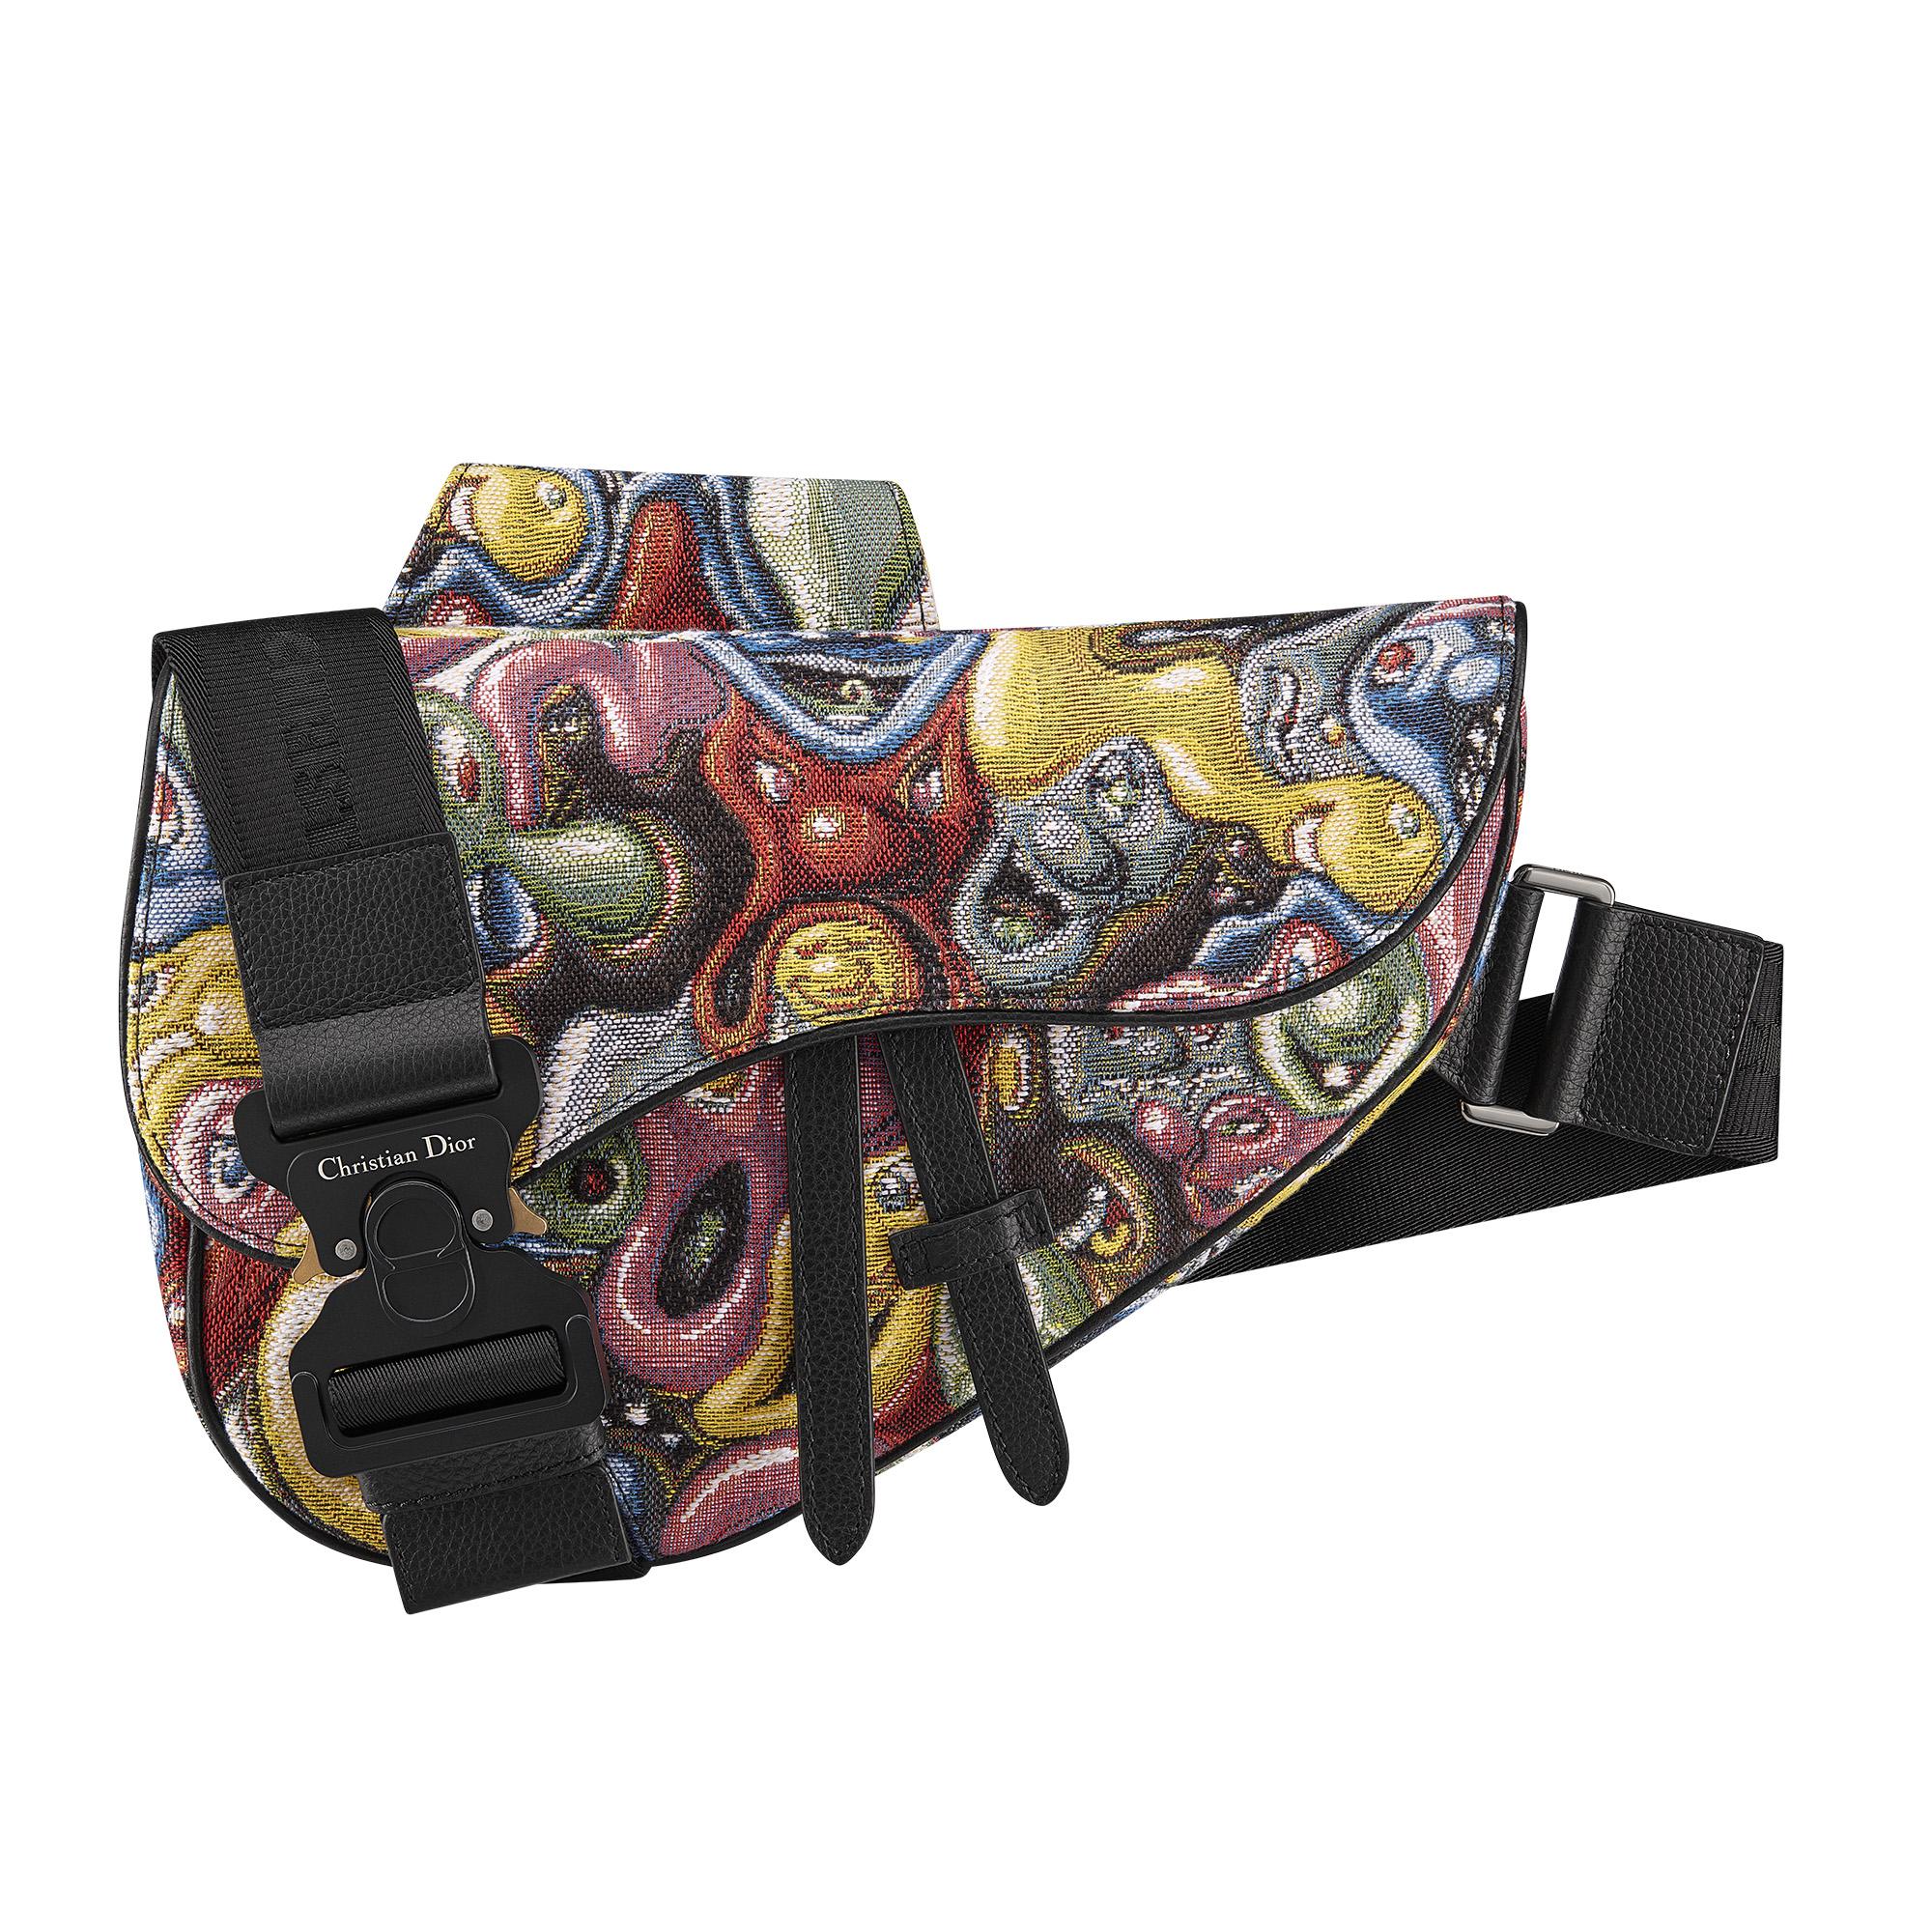 Dior X Kenny Scharf bag